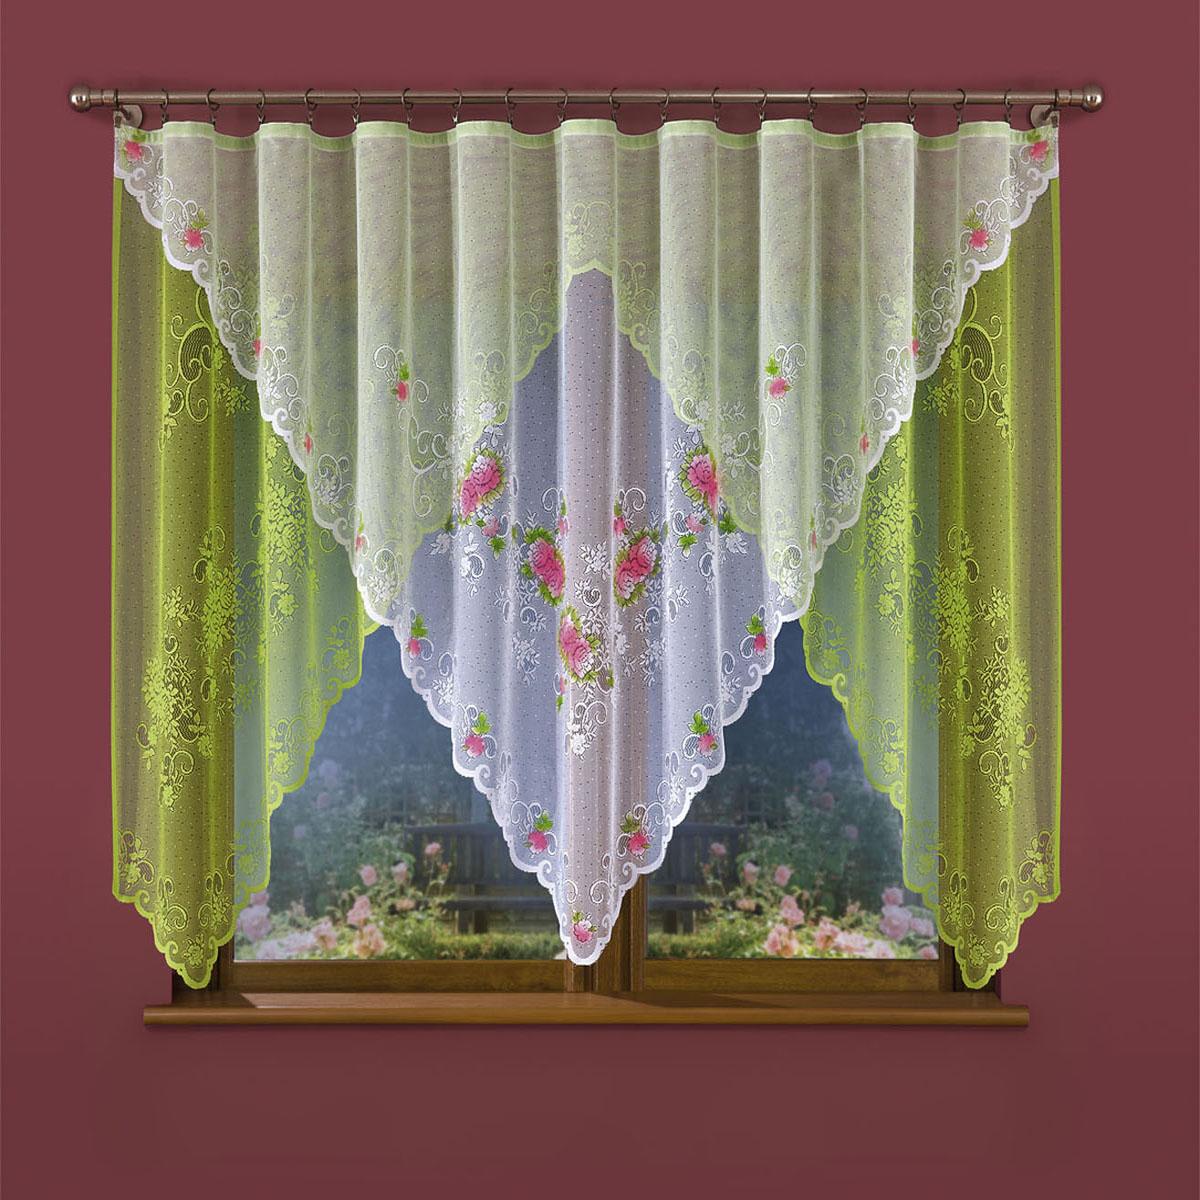 Гардина Wisan, цвет: белый, зеленый, ширина 300 см, высота 150 см. 655W655Wвид крепления - под зажимы для шторРазмеры: ширина 300*высота 150